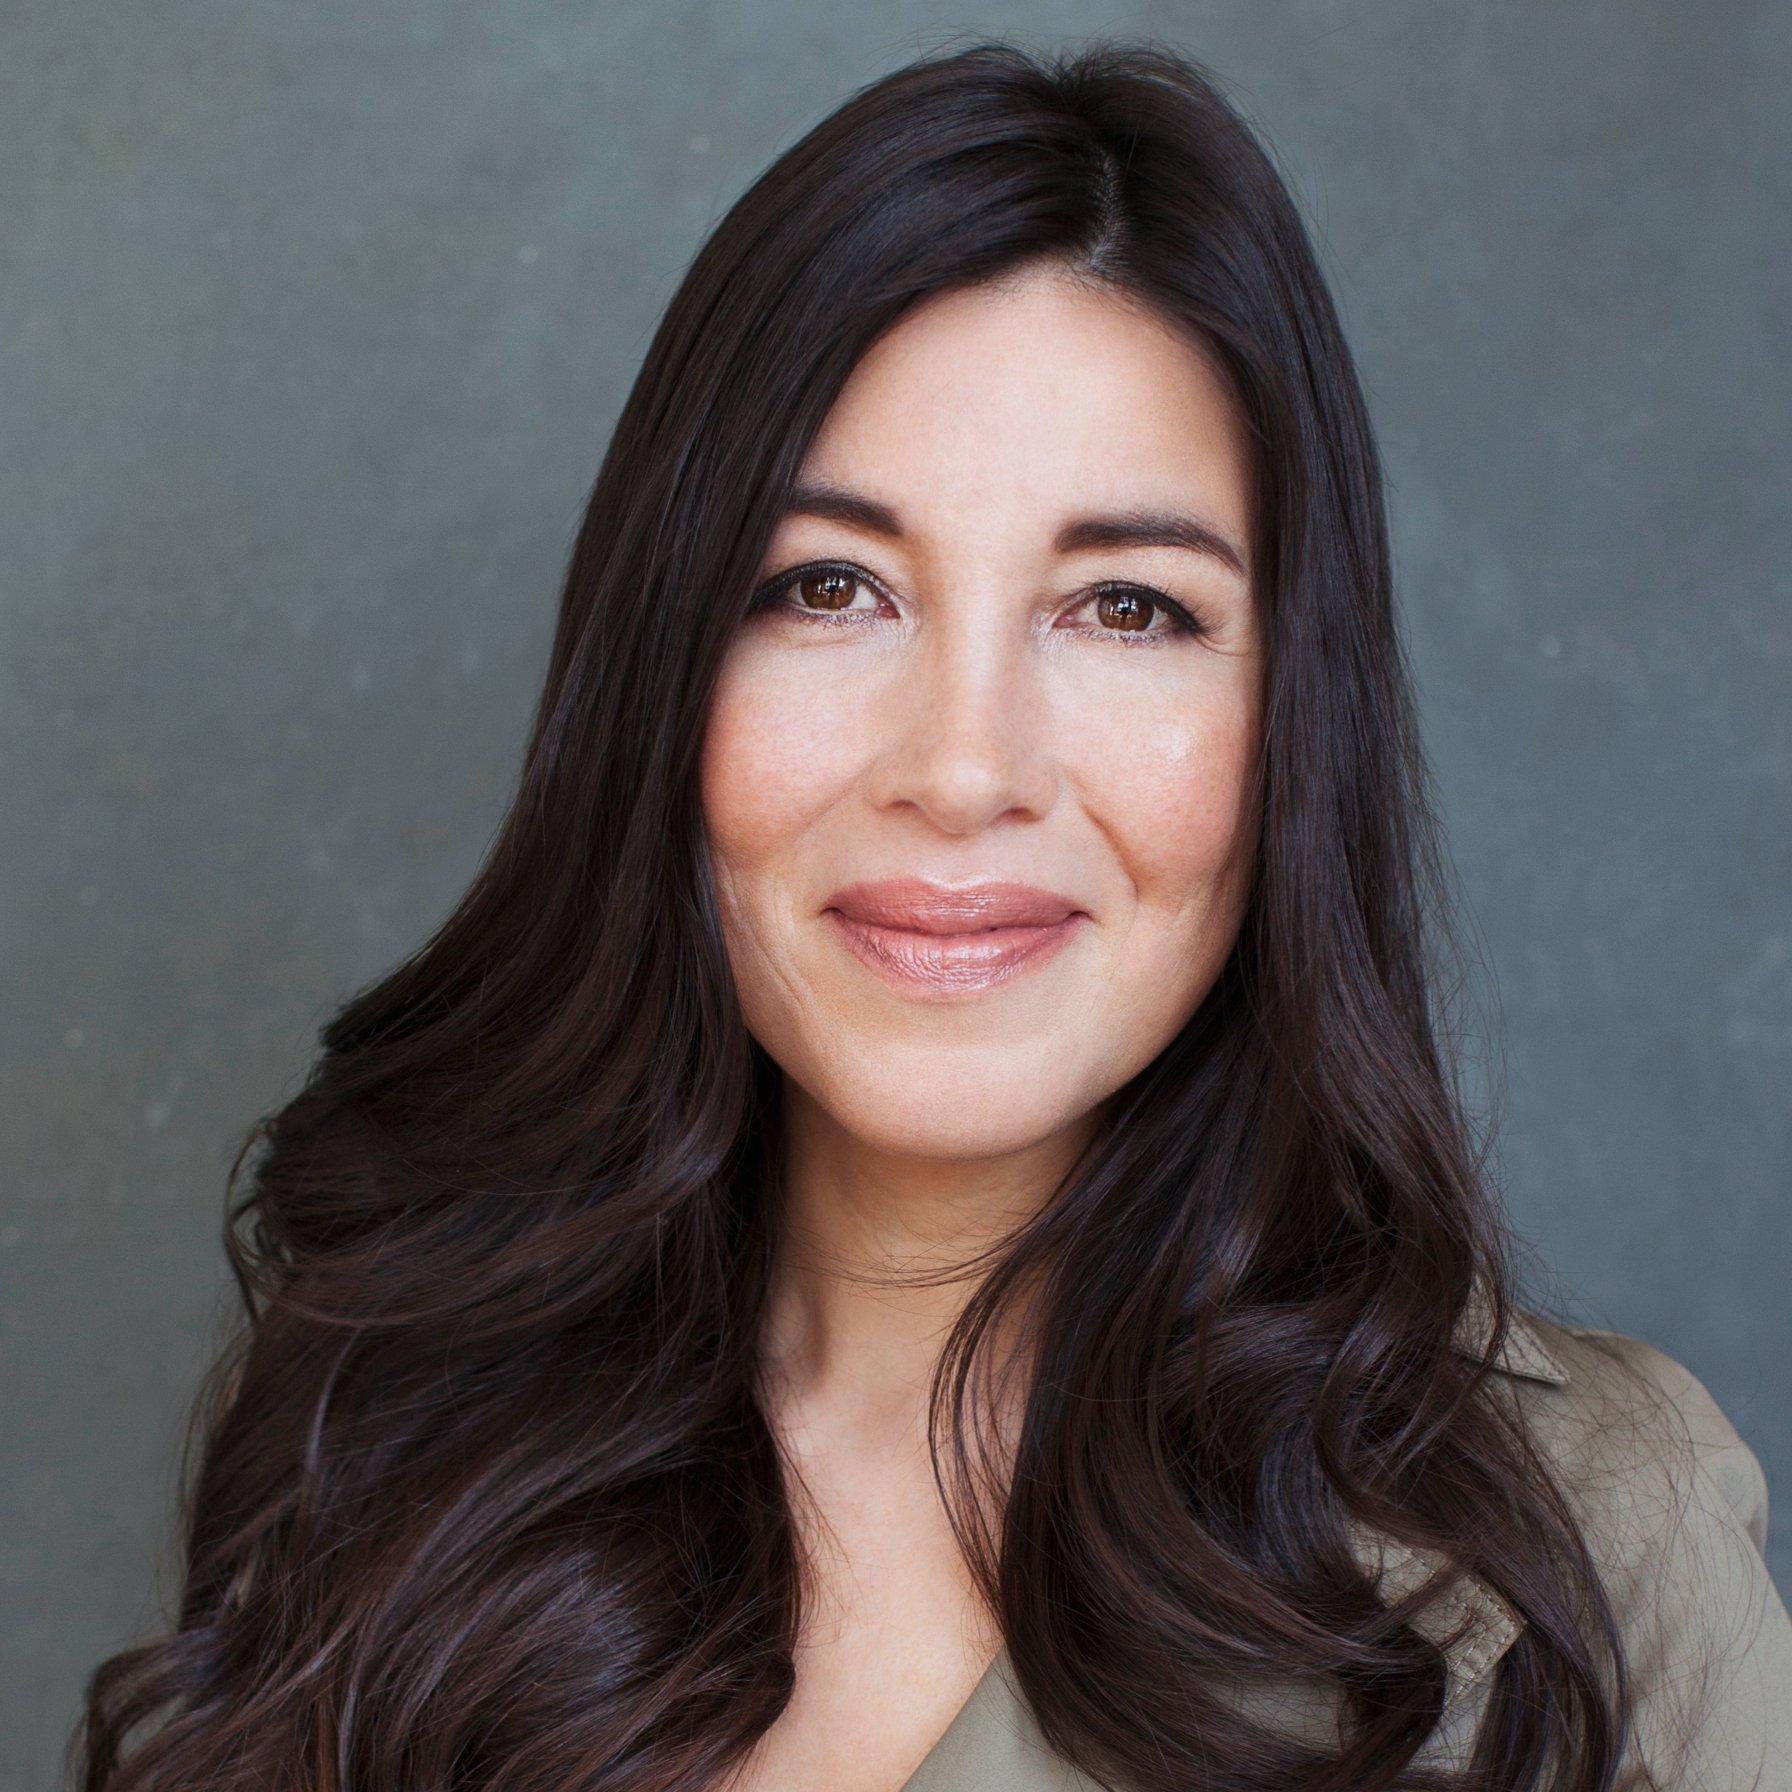 Lara Manqui